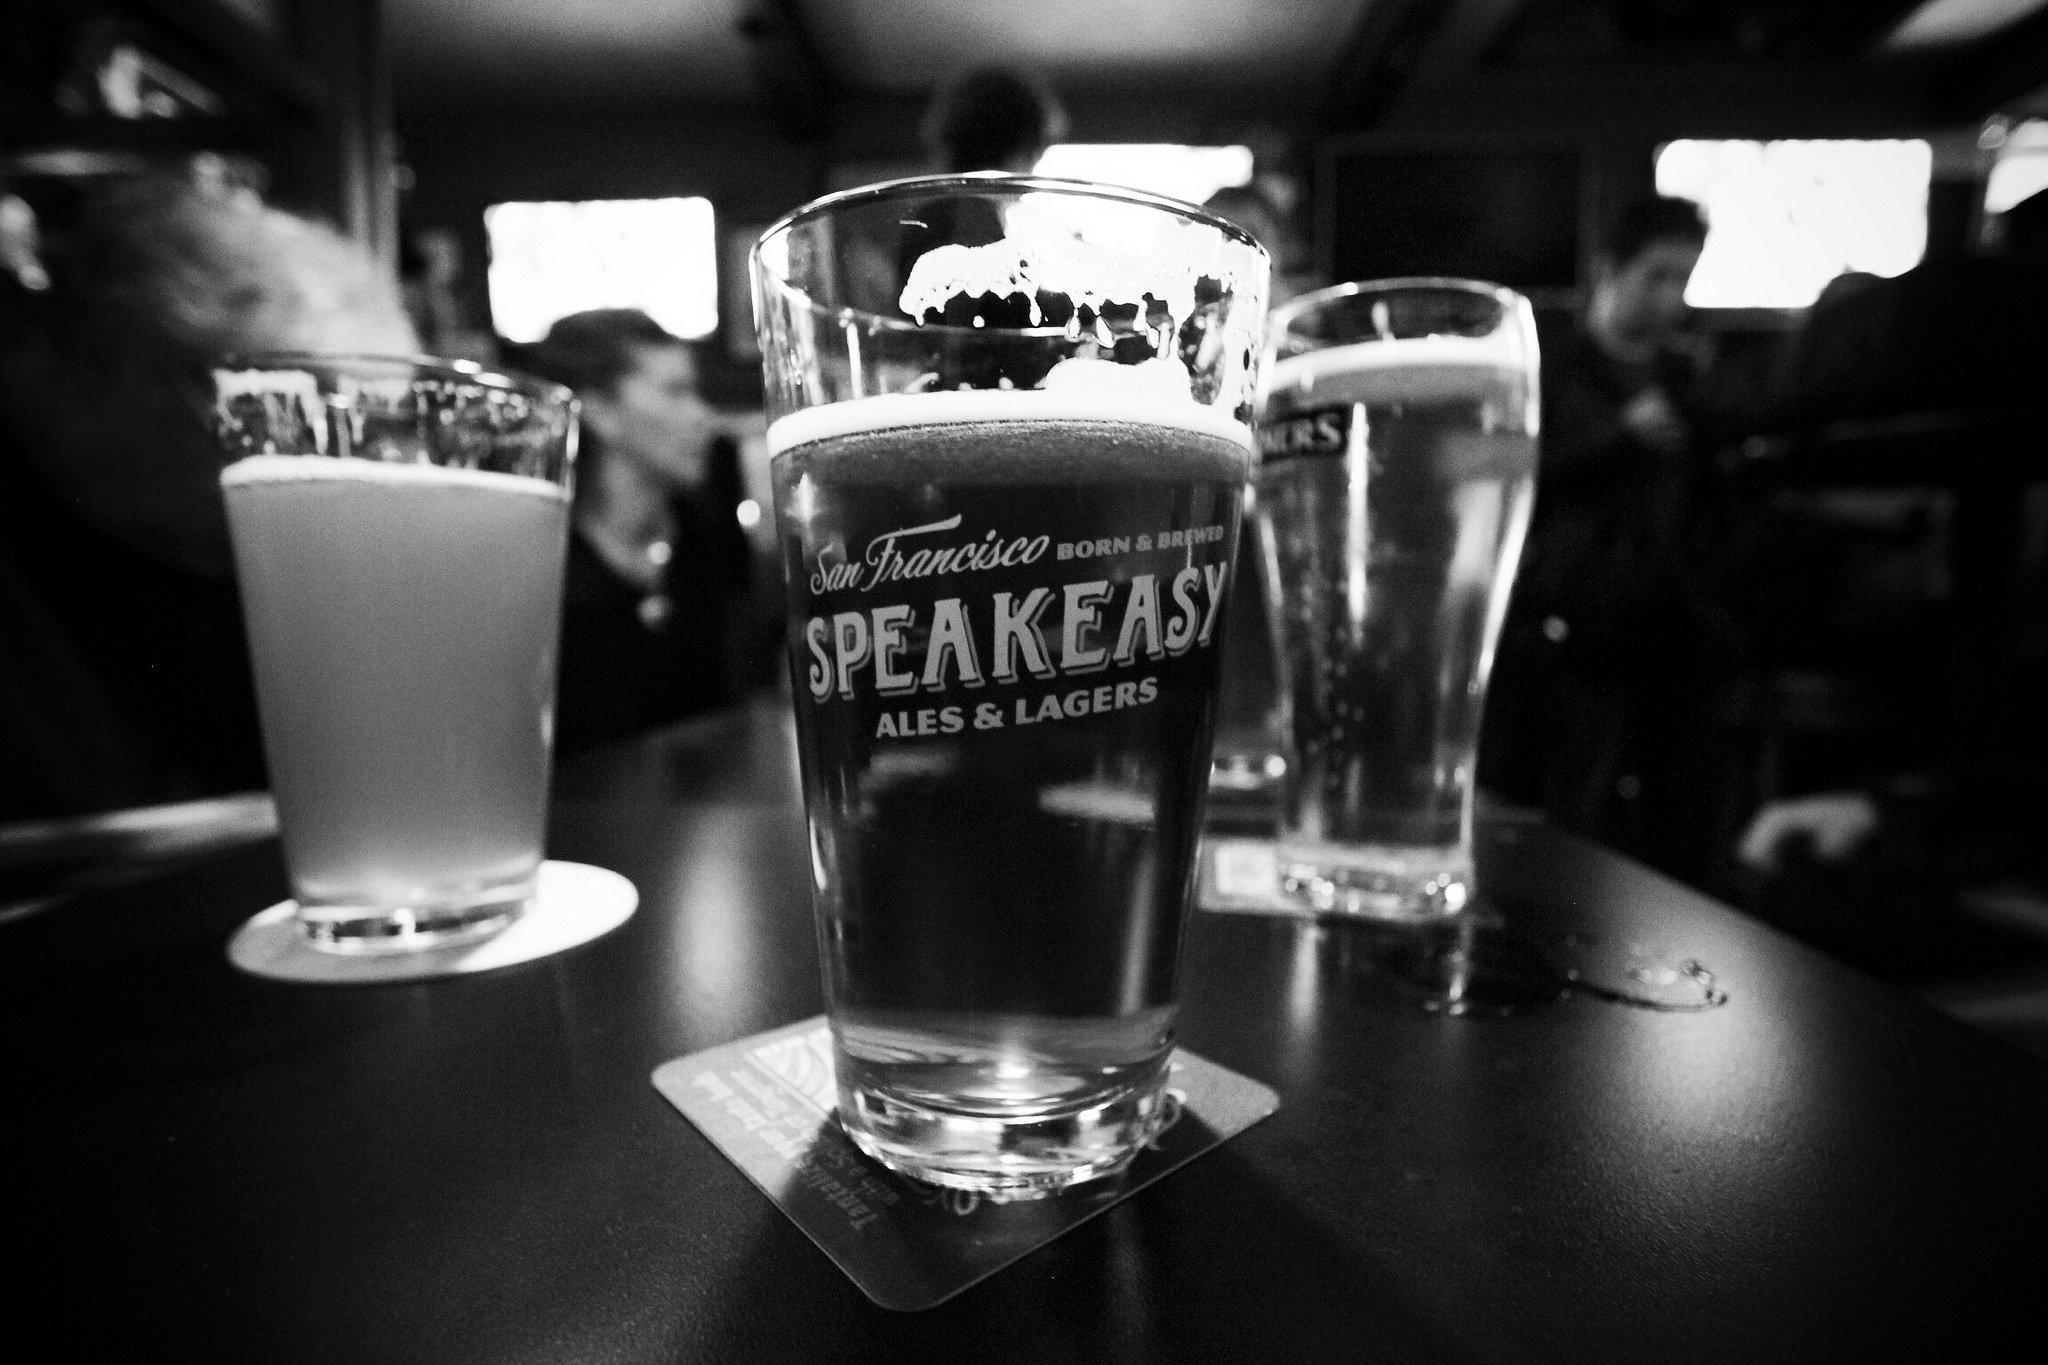 Speakeasy Ales & Lagers - San Francisco, CA - best Breweries in California